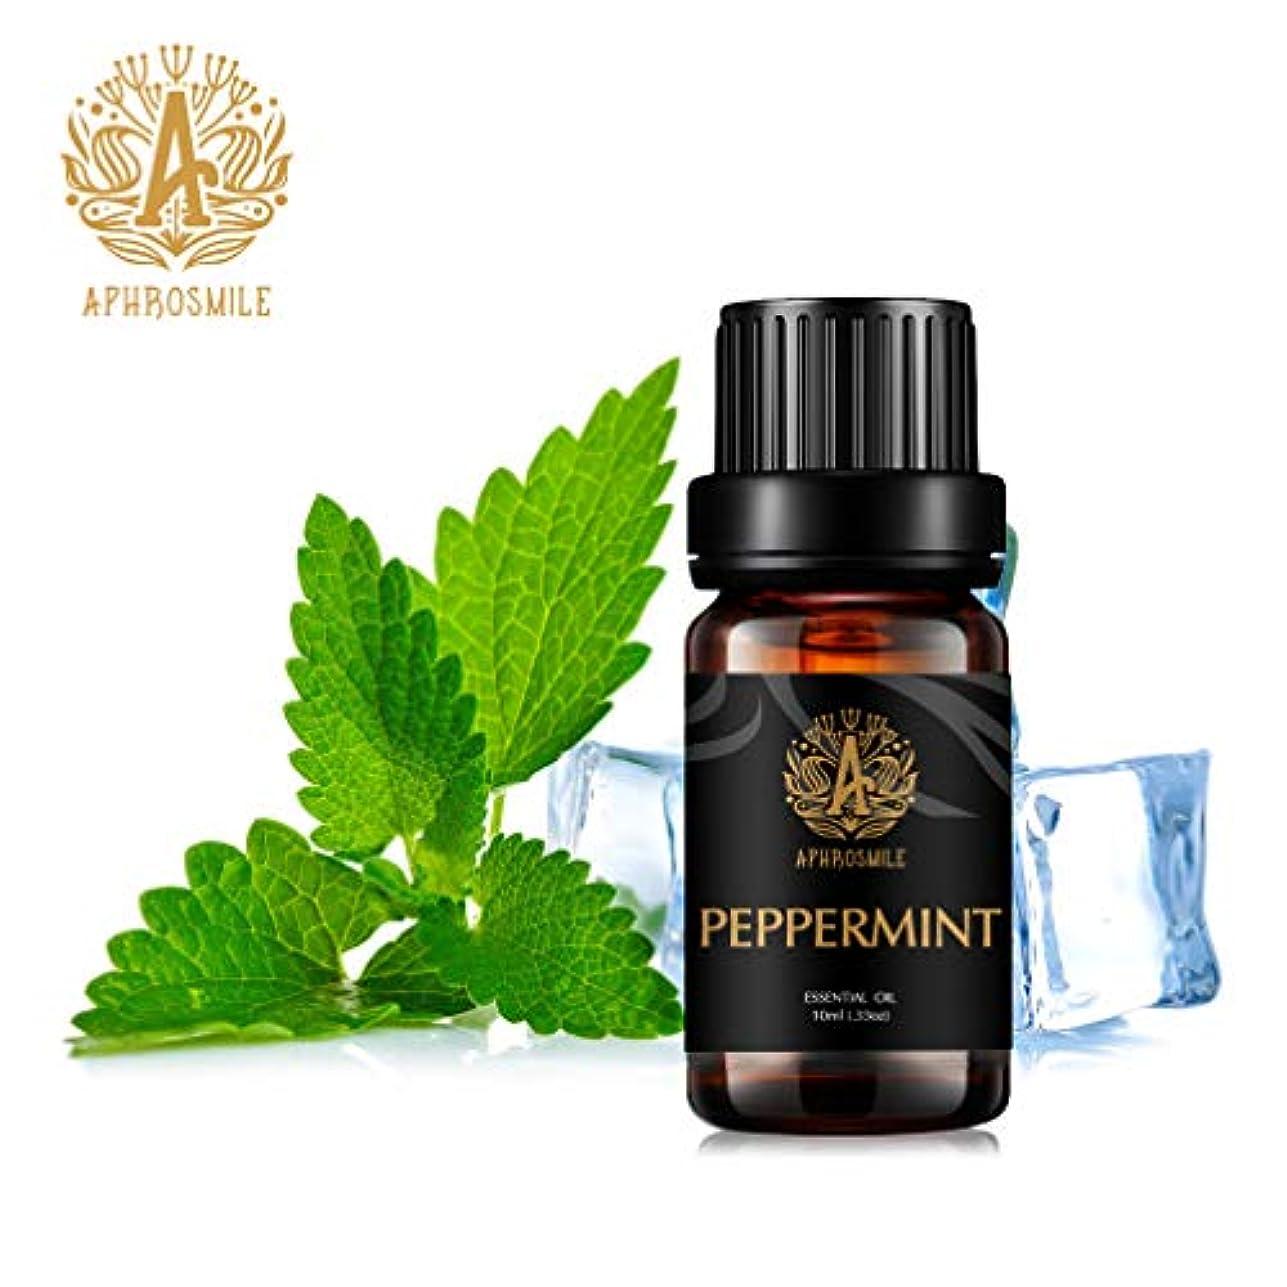 ヨーロッパ癒す無謀ペパーミントの精油、100%純粋なアロマセラピーエッセンシャルオイルペパーミントの香り、明確な思考と、治療用グレードエッセンシャルオイルペパーミントの香り為にディフューザー、マッサージ、加湿器、デイリーケア、0.33オンス...